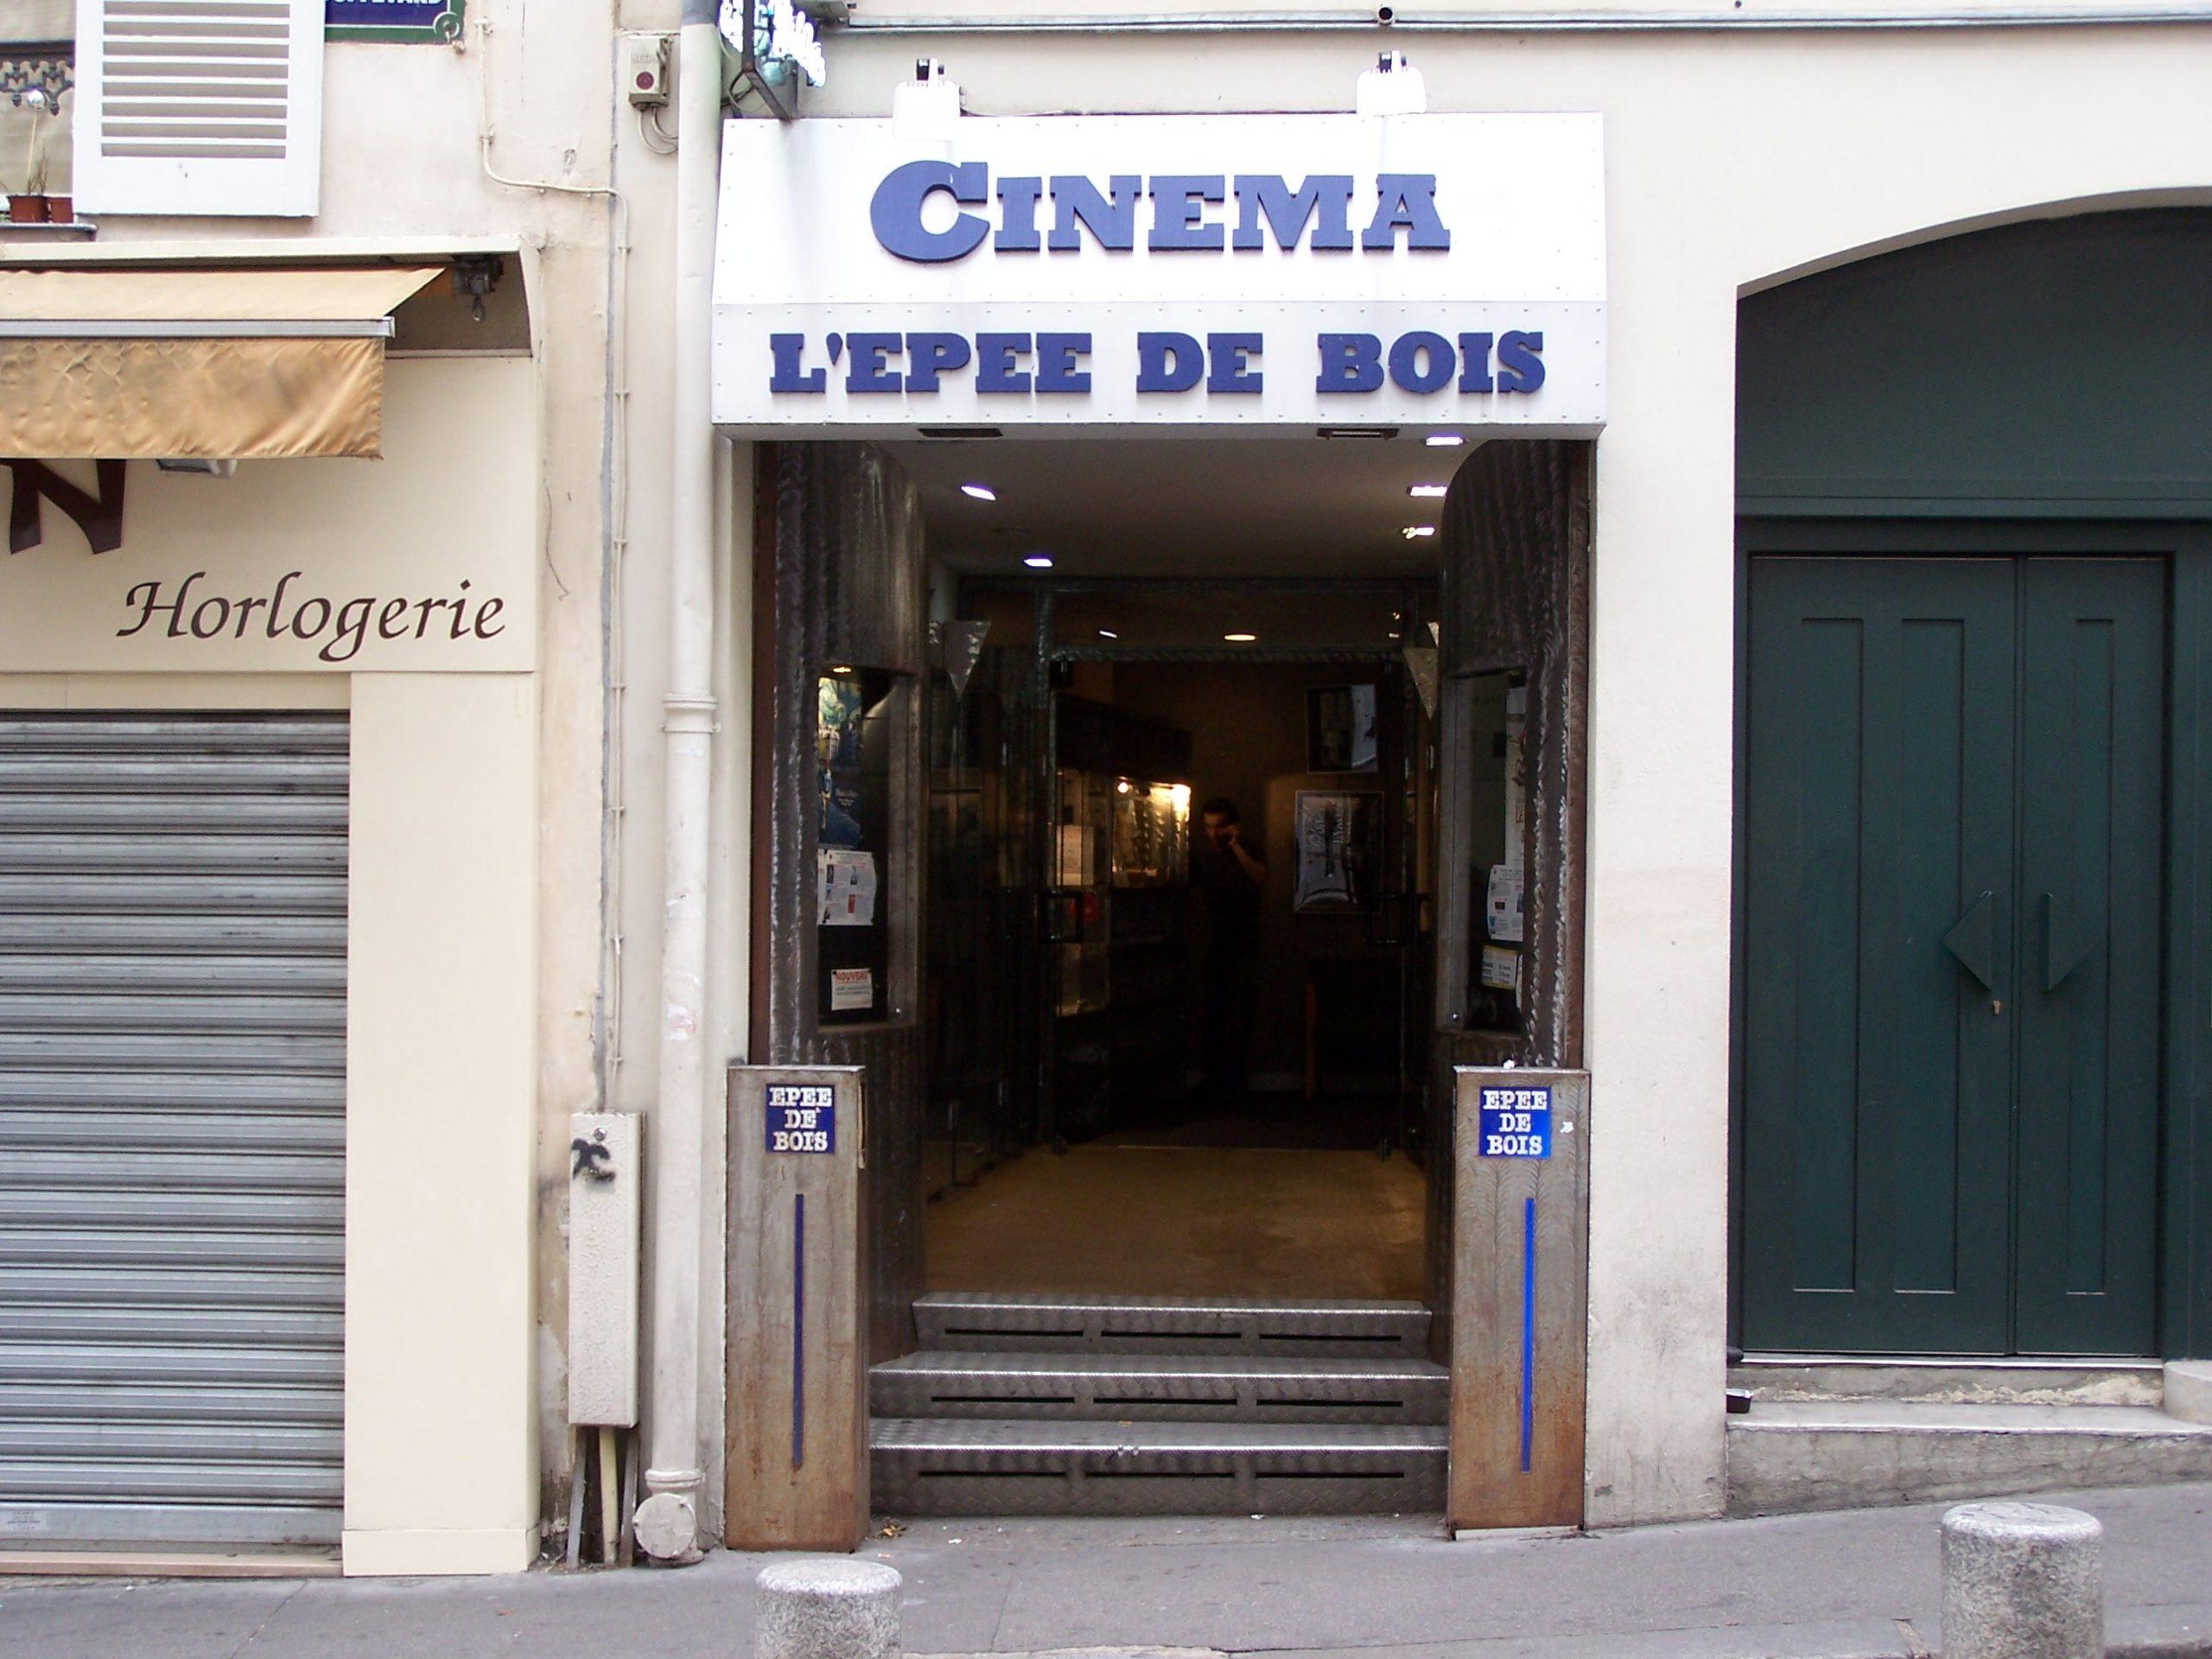 Cinéma L'Épée de Bois